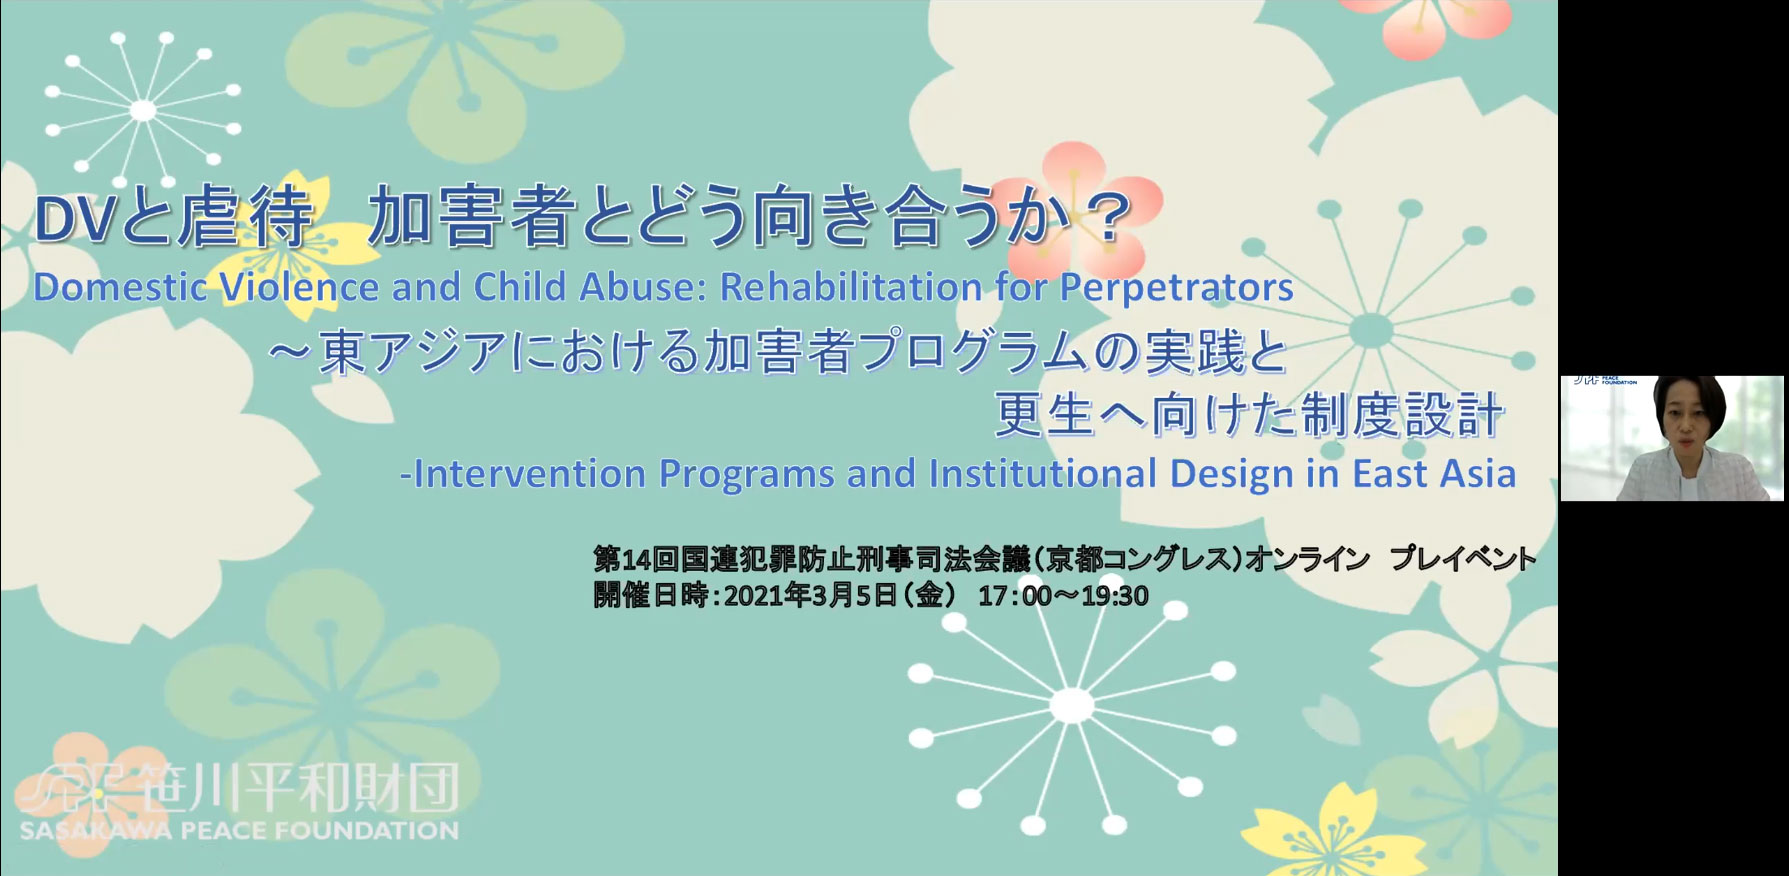 DVと虐待、加害者とどう向き合うか 更生へ向けたプログラムと制度を討議<br>第14回国連犯罪防止刑事司法会議のプレイベント